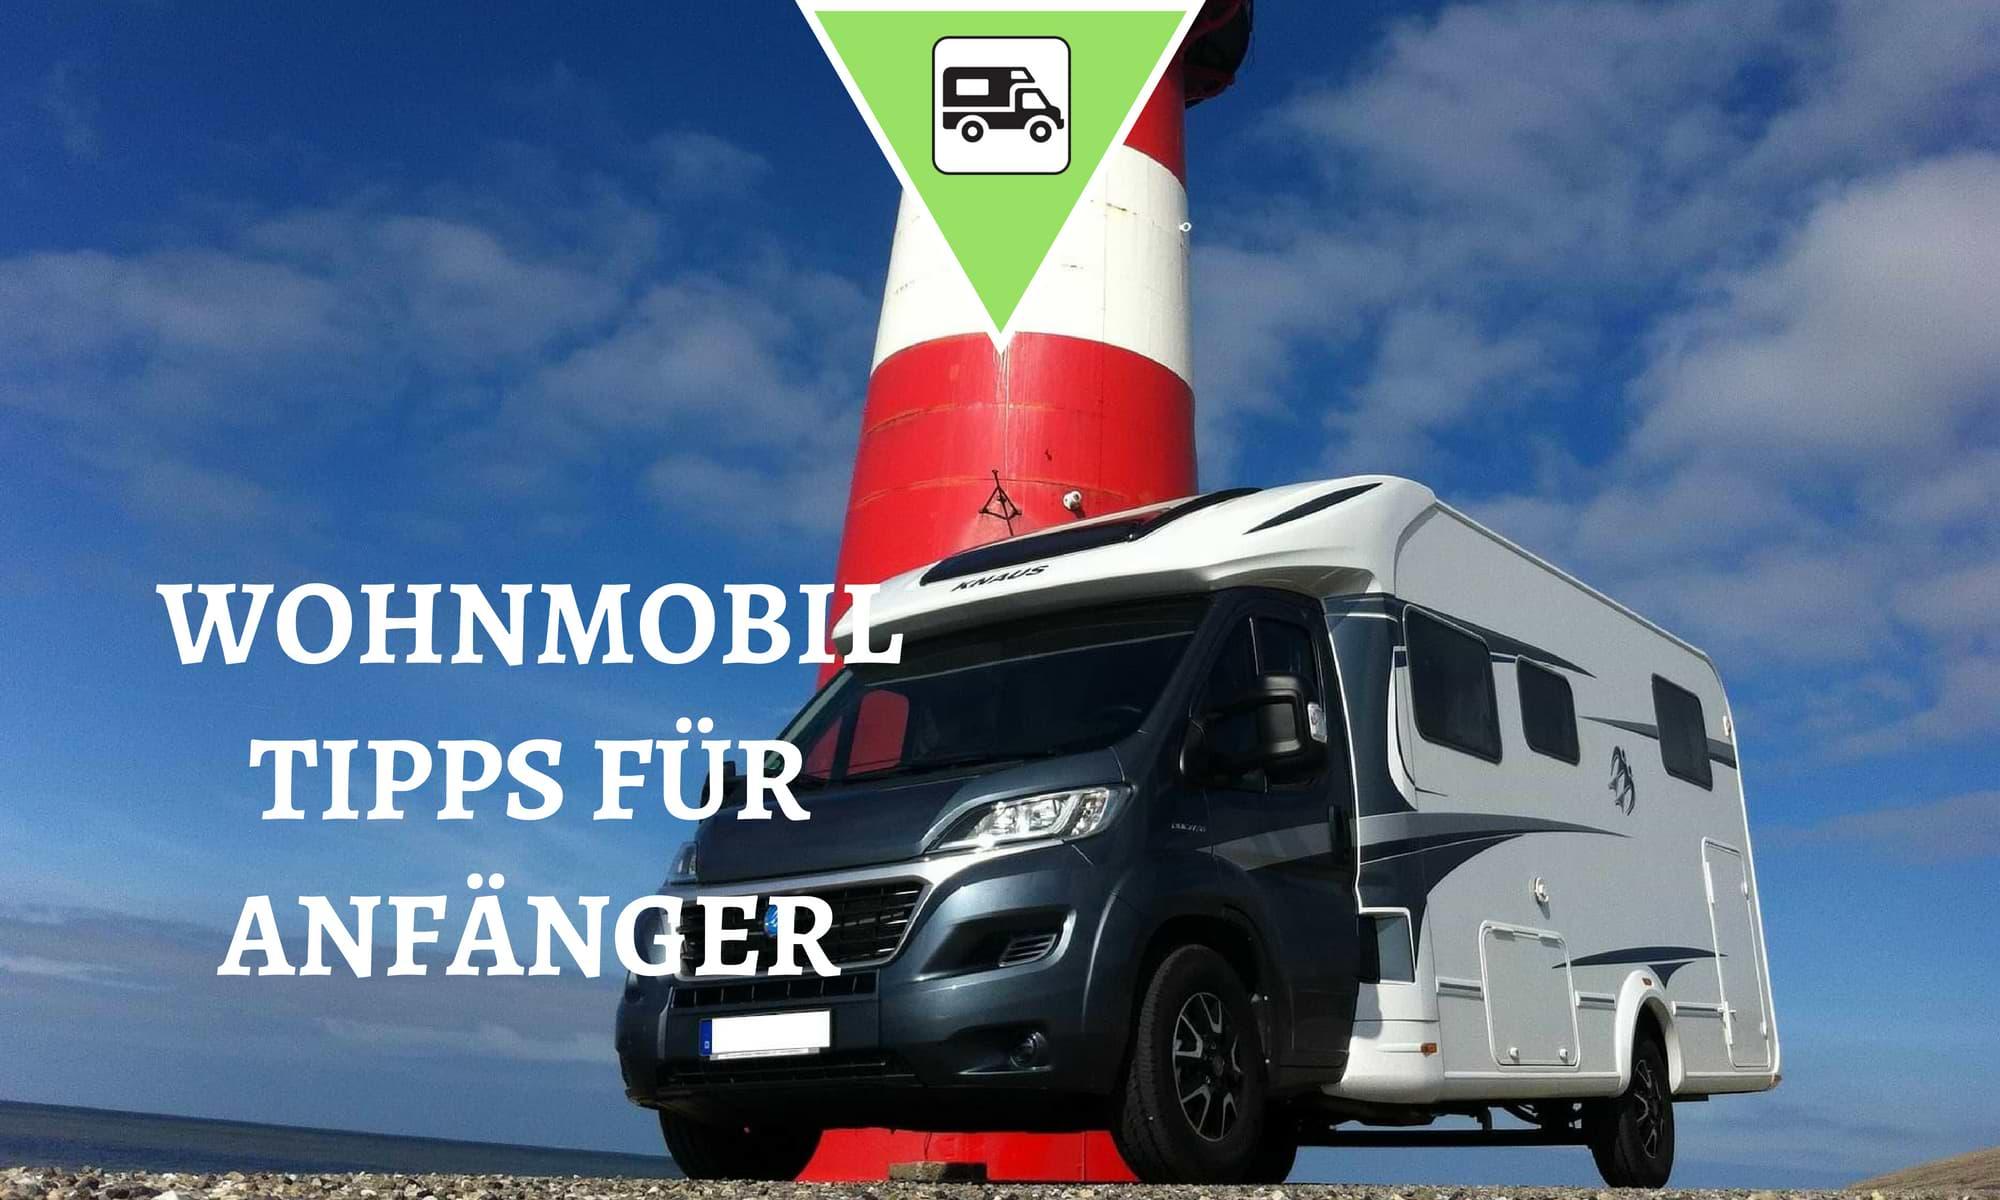 Wohnmobil Tipps für Anfänger - Ratgeber für Camping Neulinge